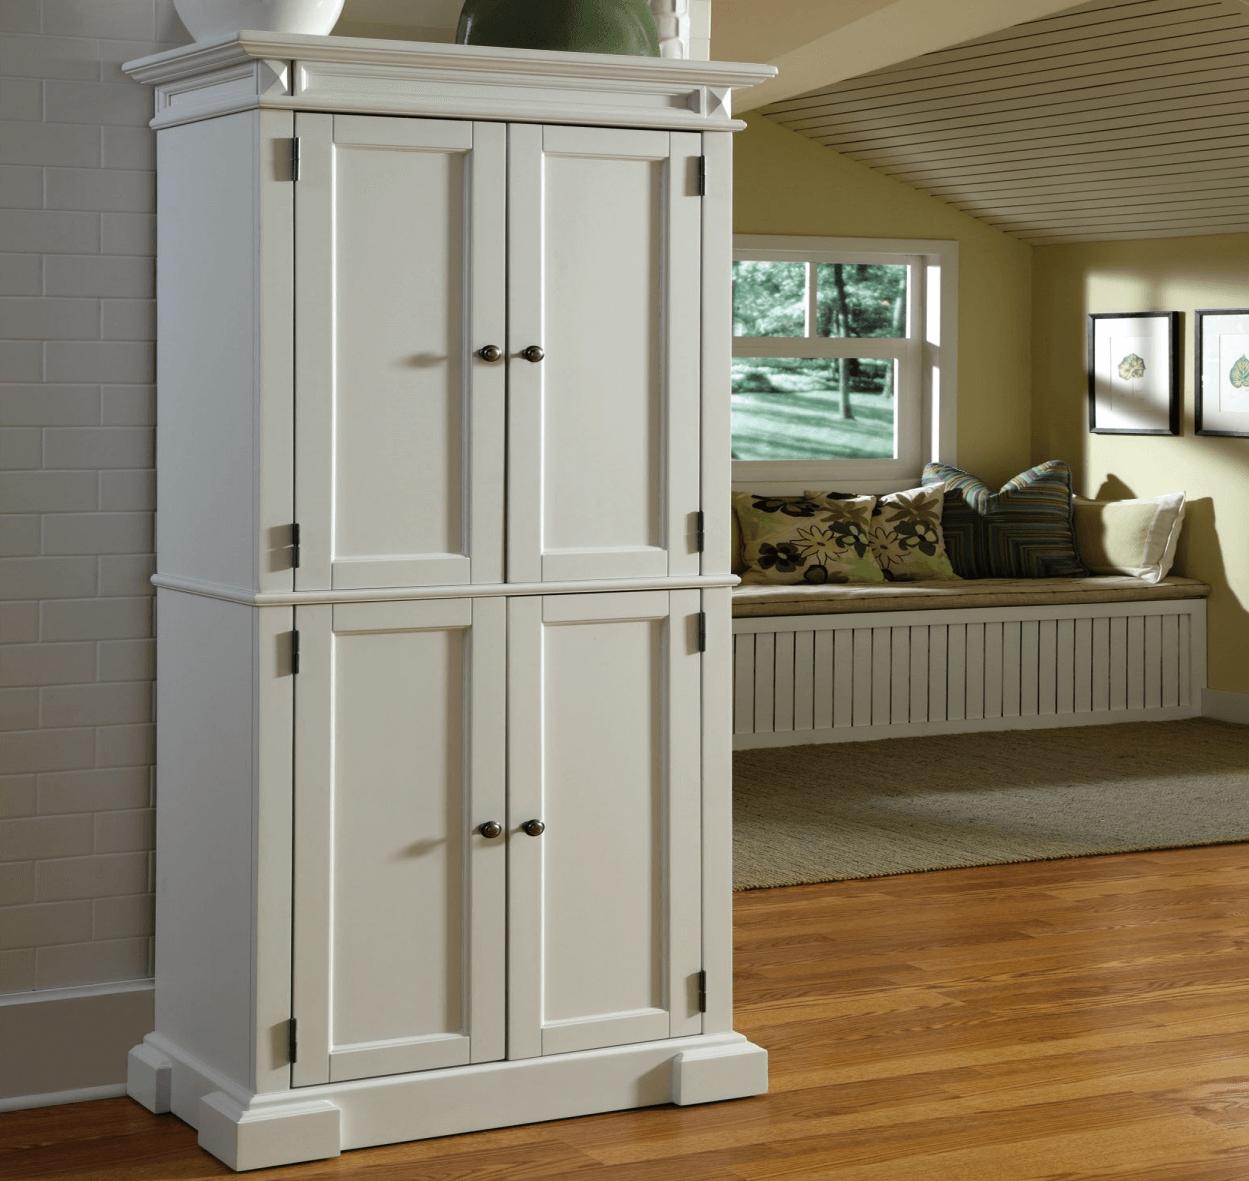 White Kitchen Storage Cabinets Target Kitchen Cabinet Storage Pantry Storage Cabinet White Pantry